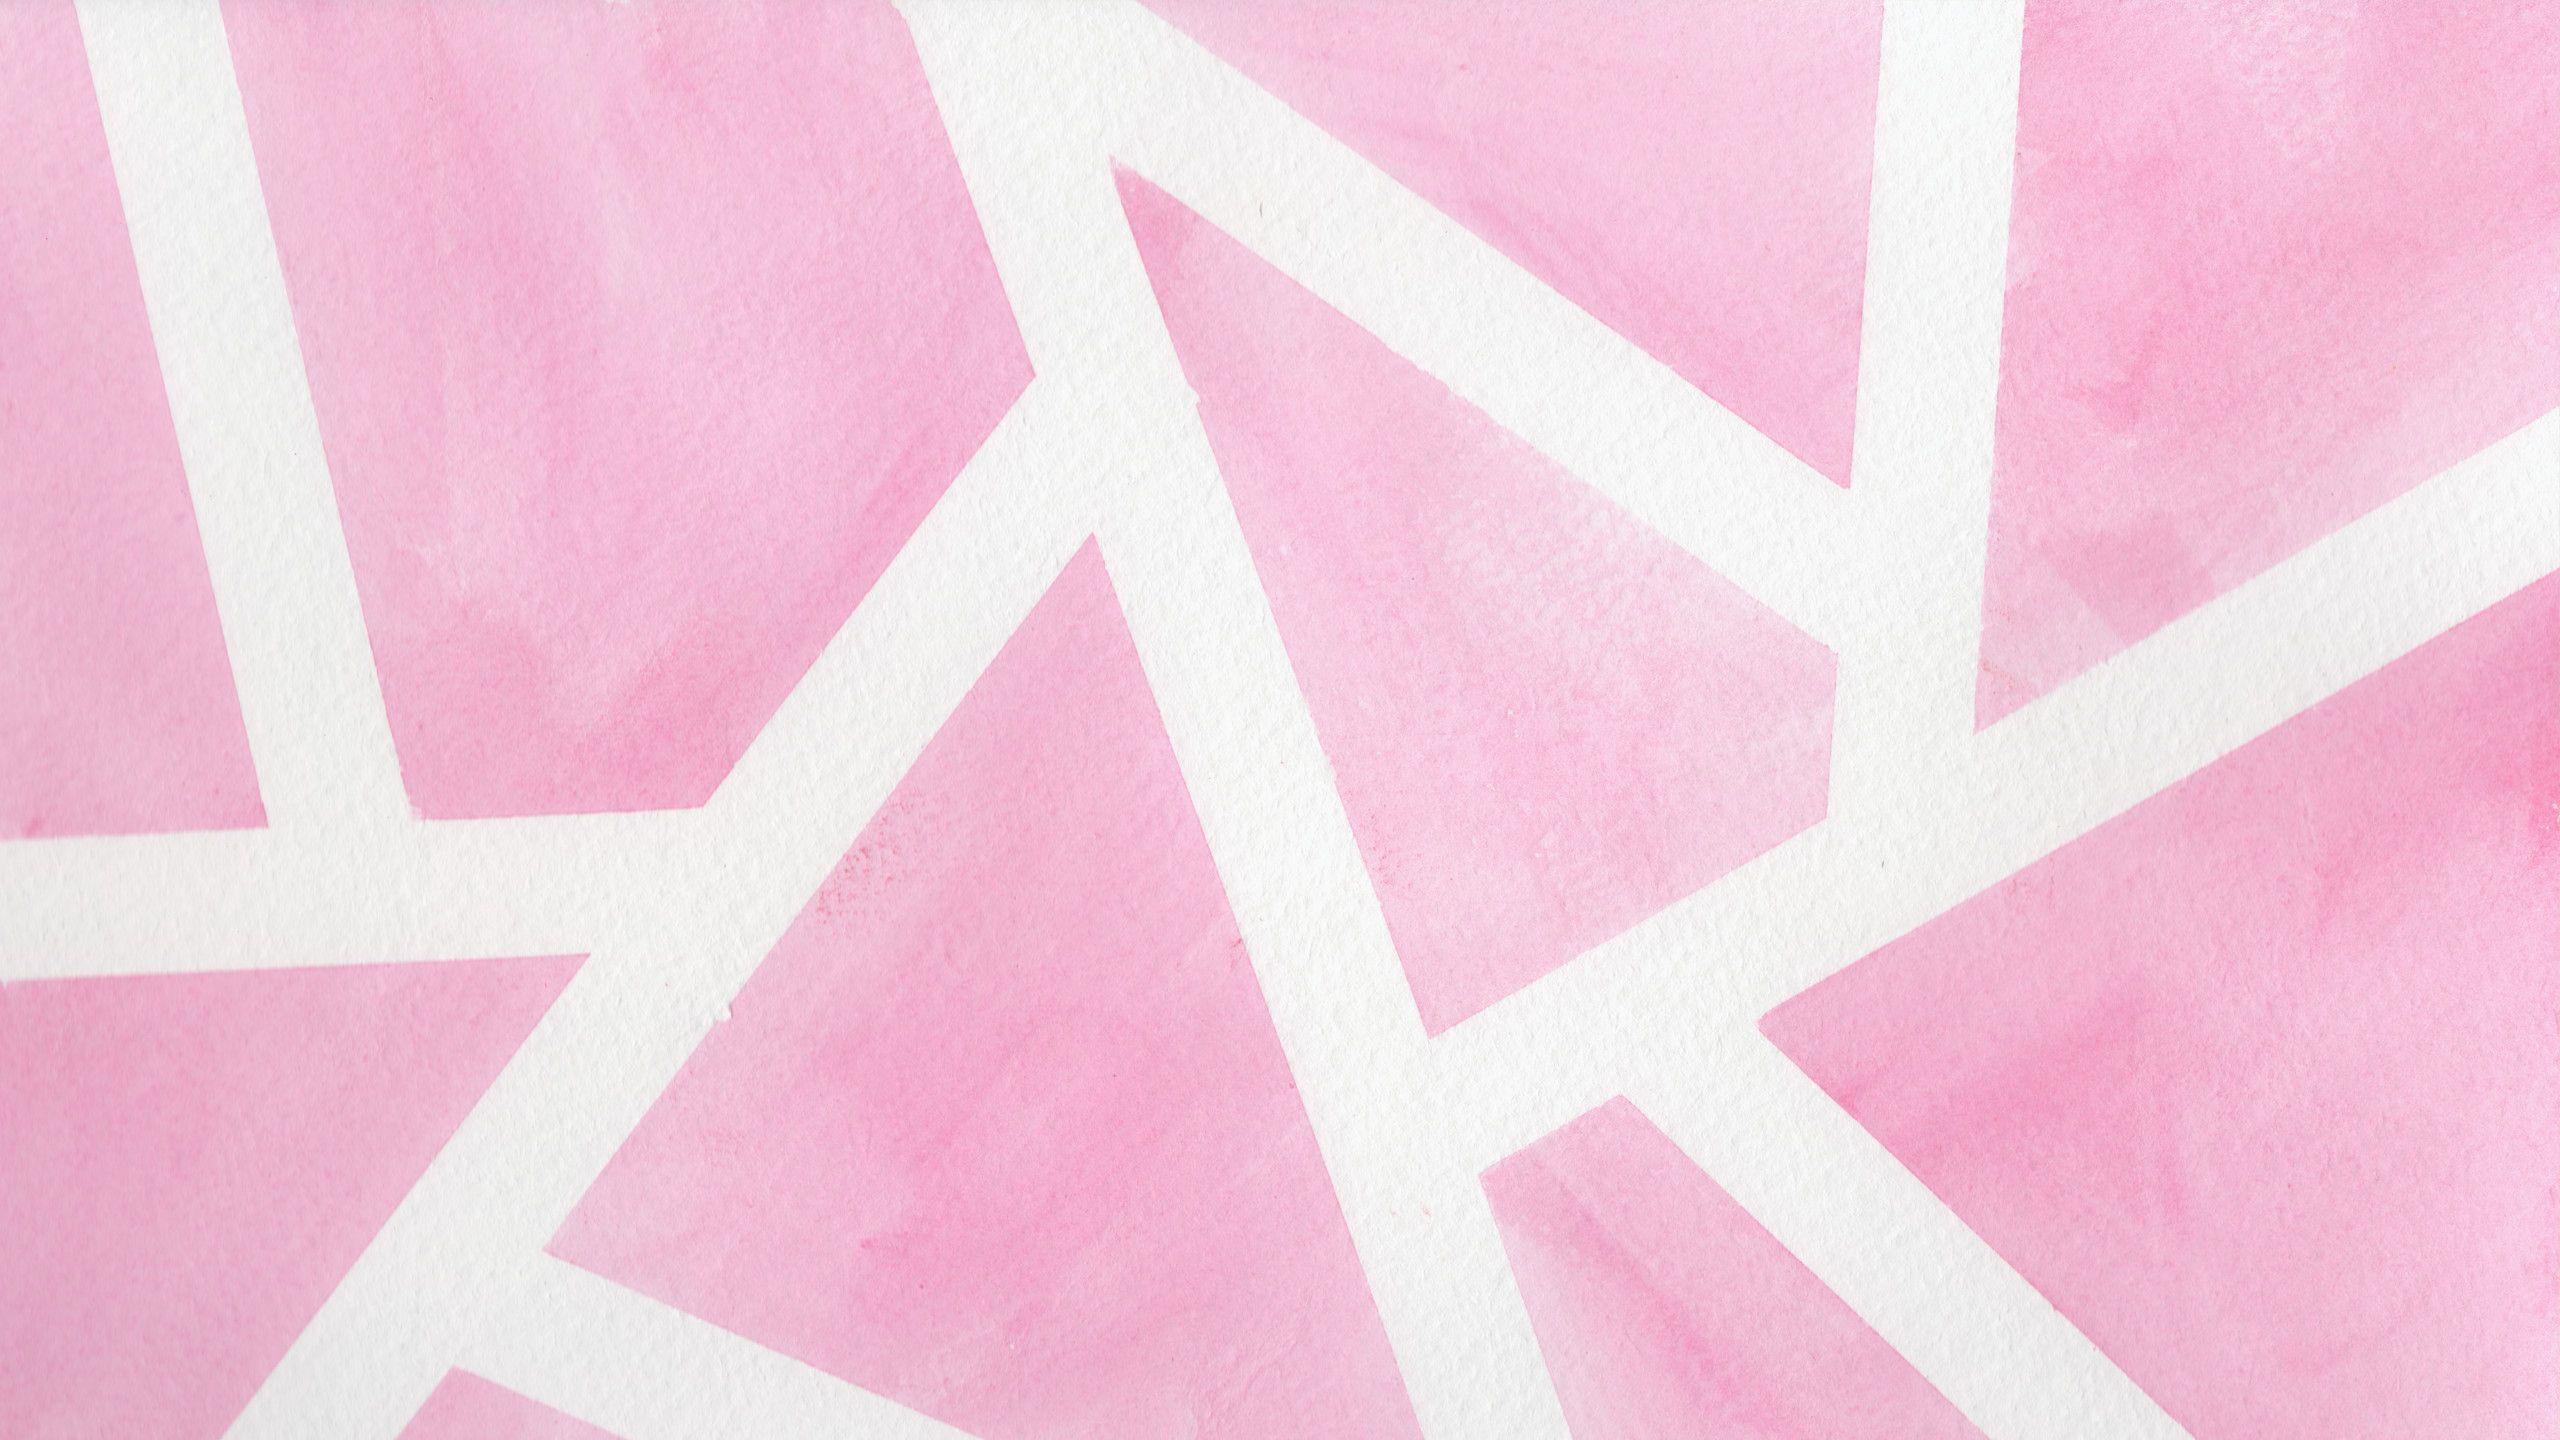 Pastel Pink Marble Laptop Wallpaper